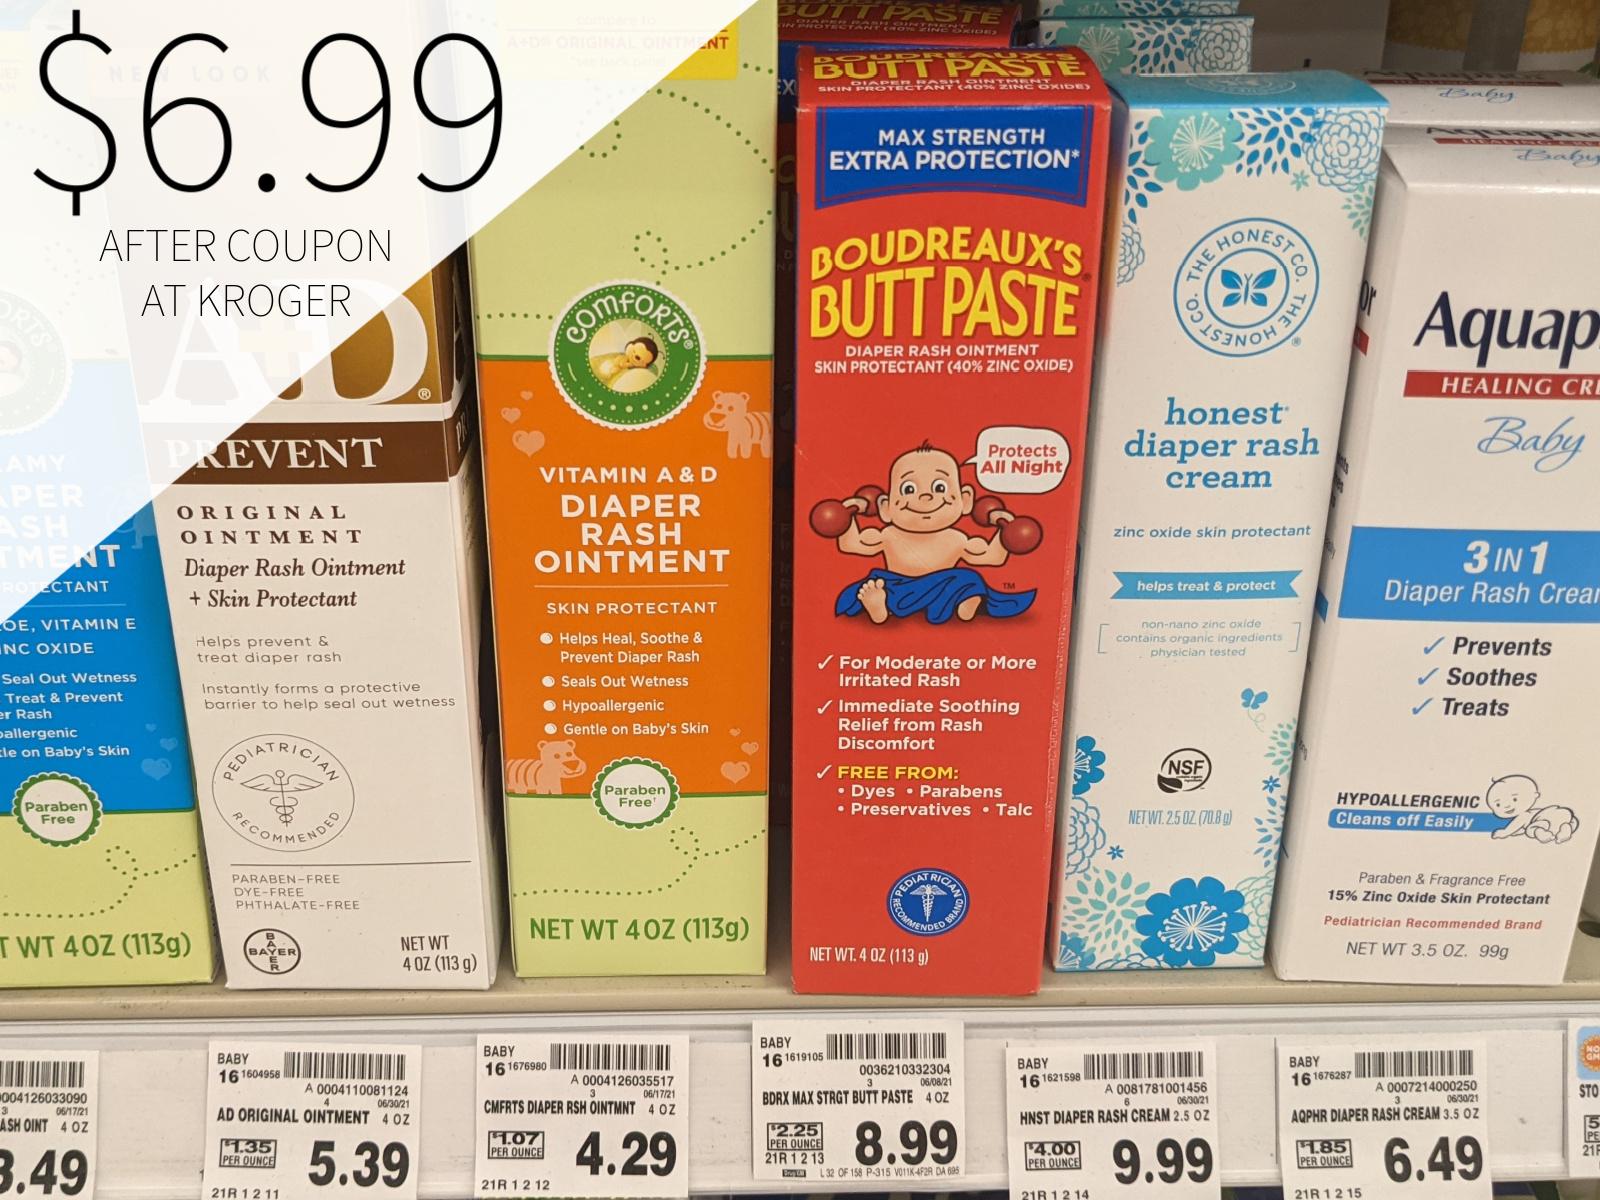 Boudreaux's Butt Paste Just $6.99 At Kroger